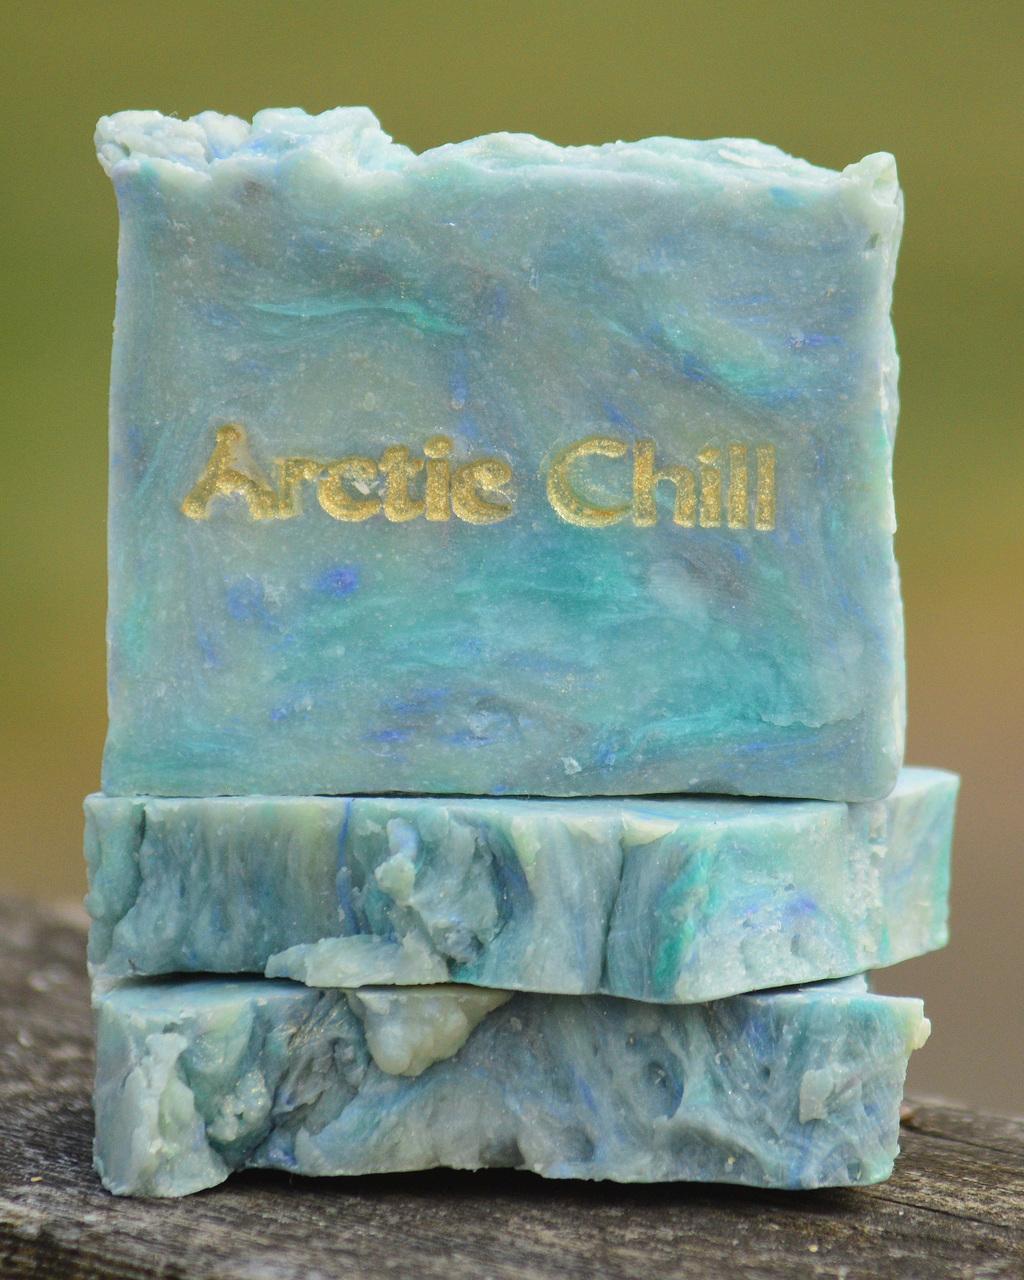 Arctic Chill Goat Milk Soap Slice